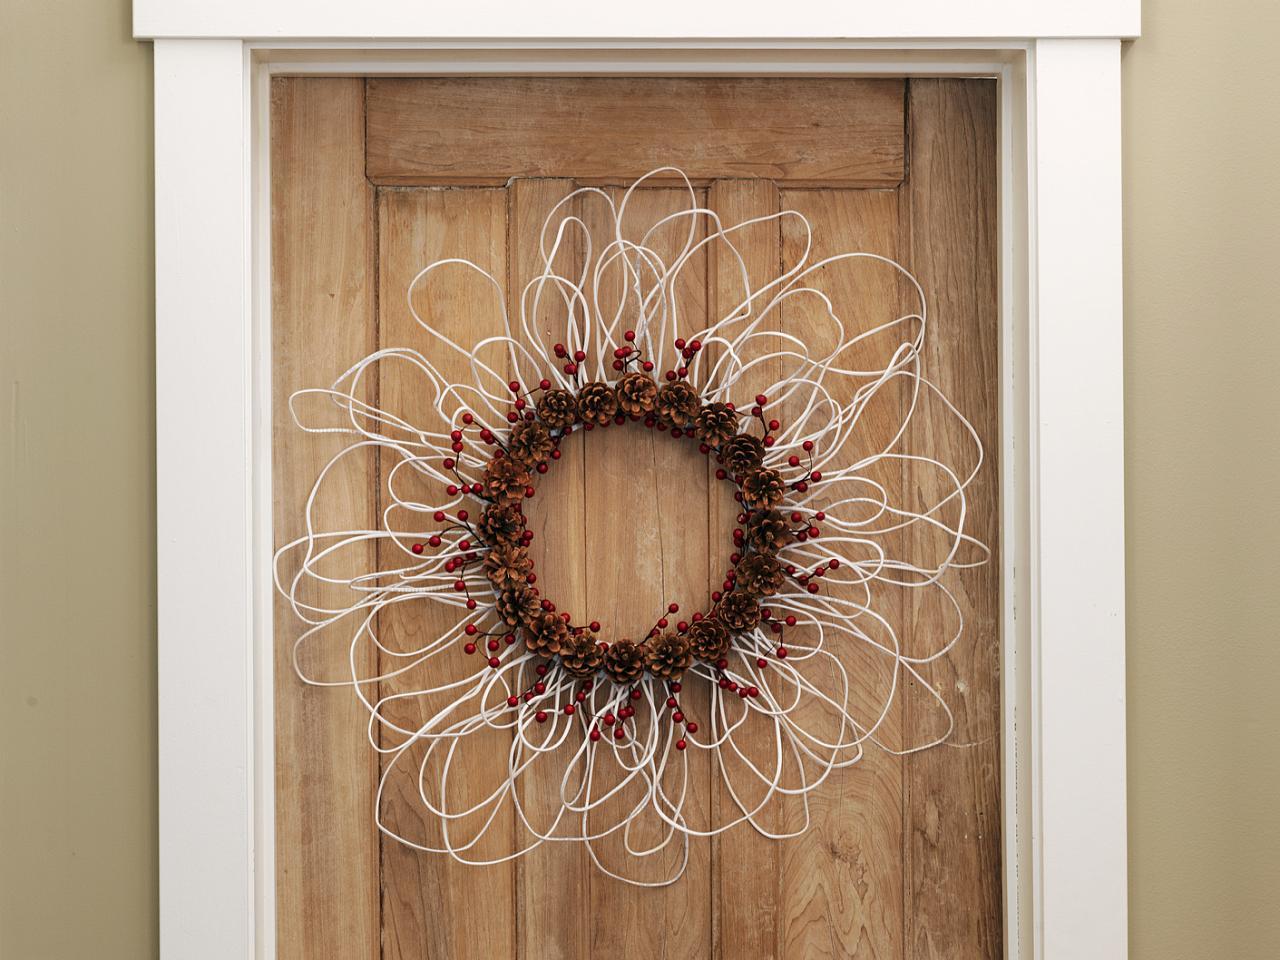 salvaged wire wreath